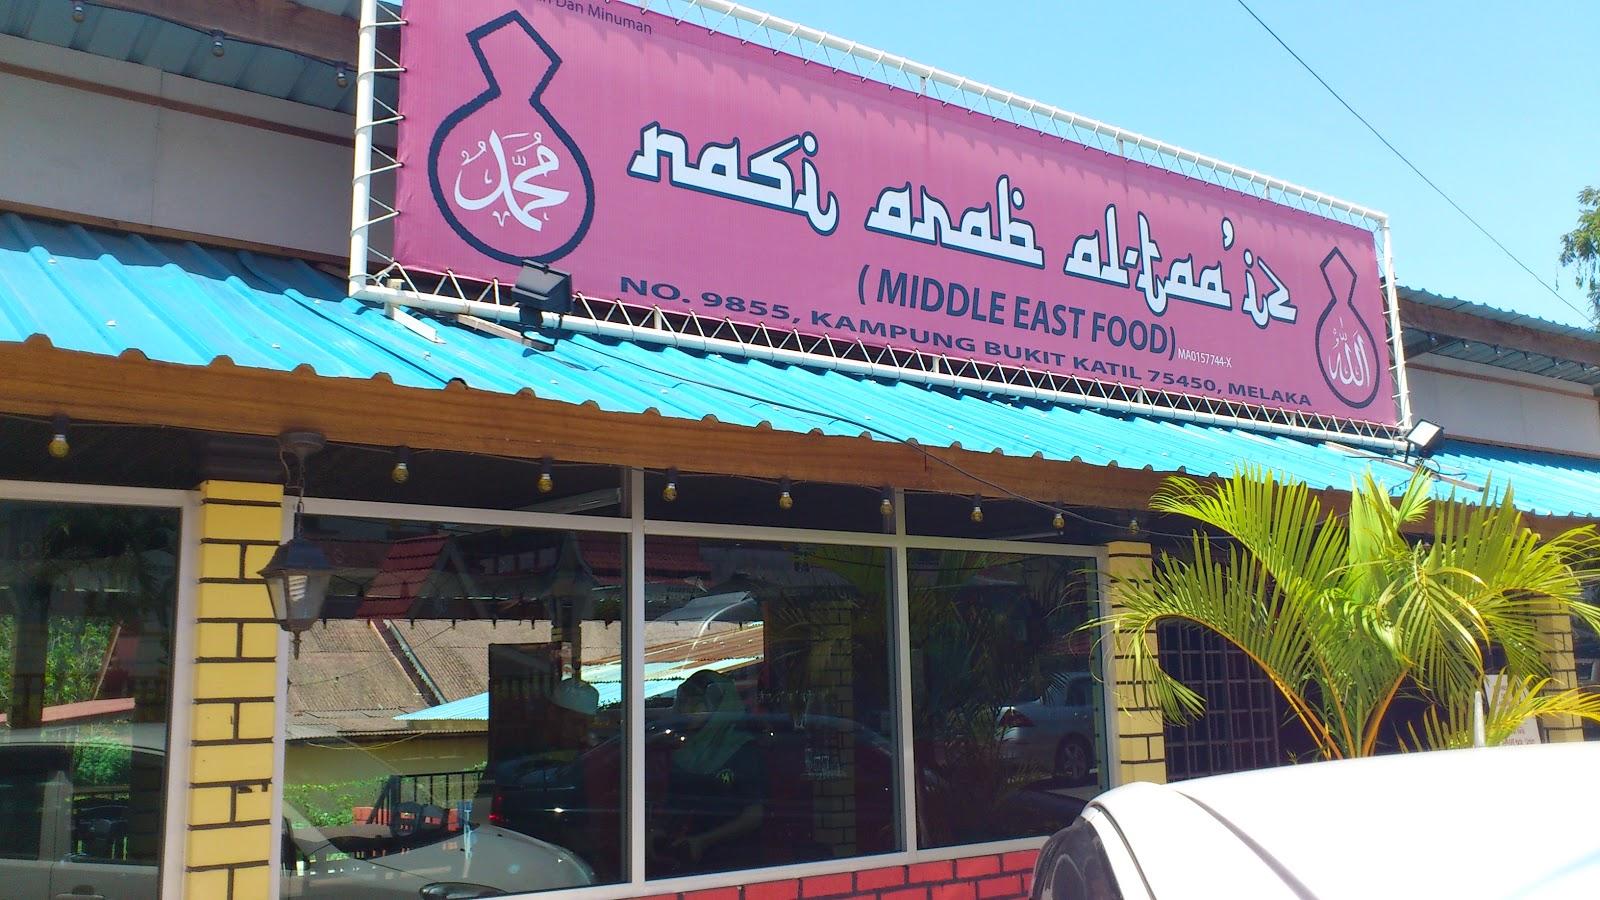 Sekadar Ingin Berkongsi Nasi Arab Al Taaiz Melaka